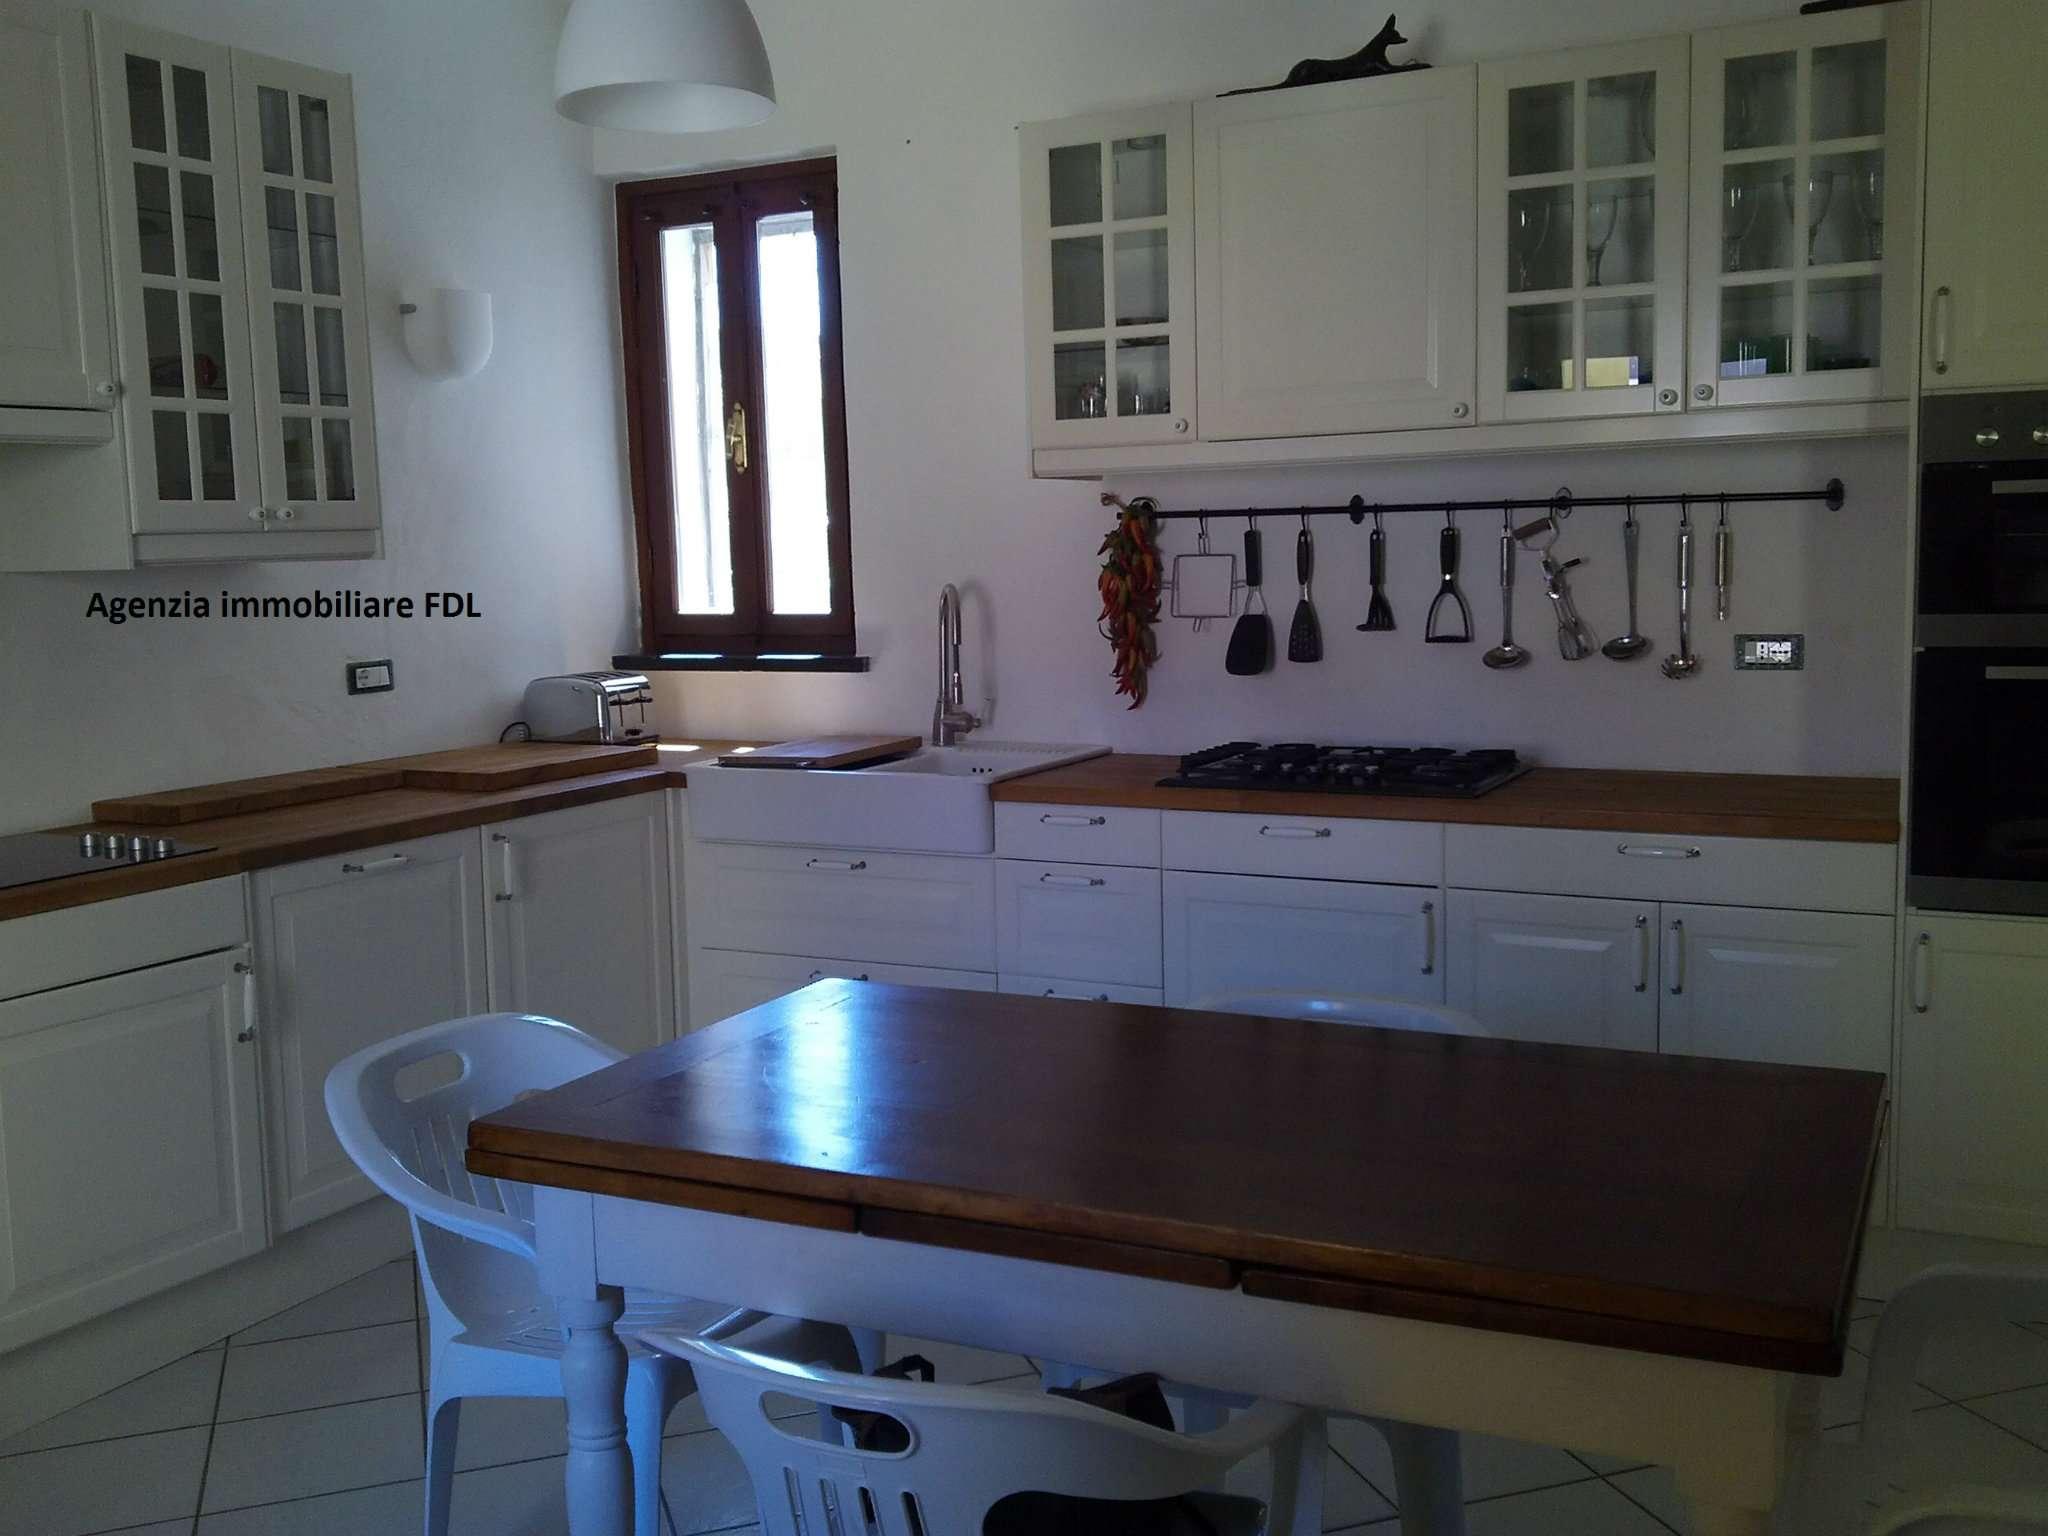 Palazzo / Stabile in vendita a Casciana Terme Lari, 8 locali, prezzo € 145.000 | CambioCasa.it